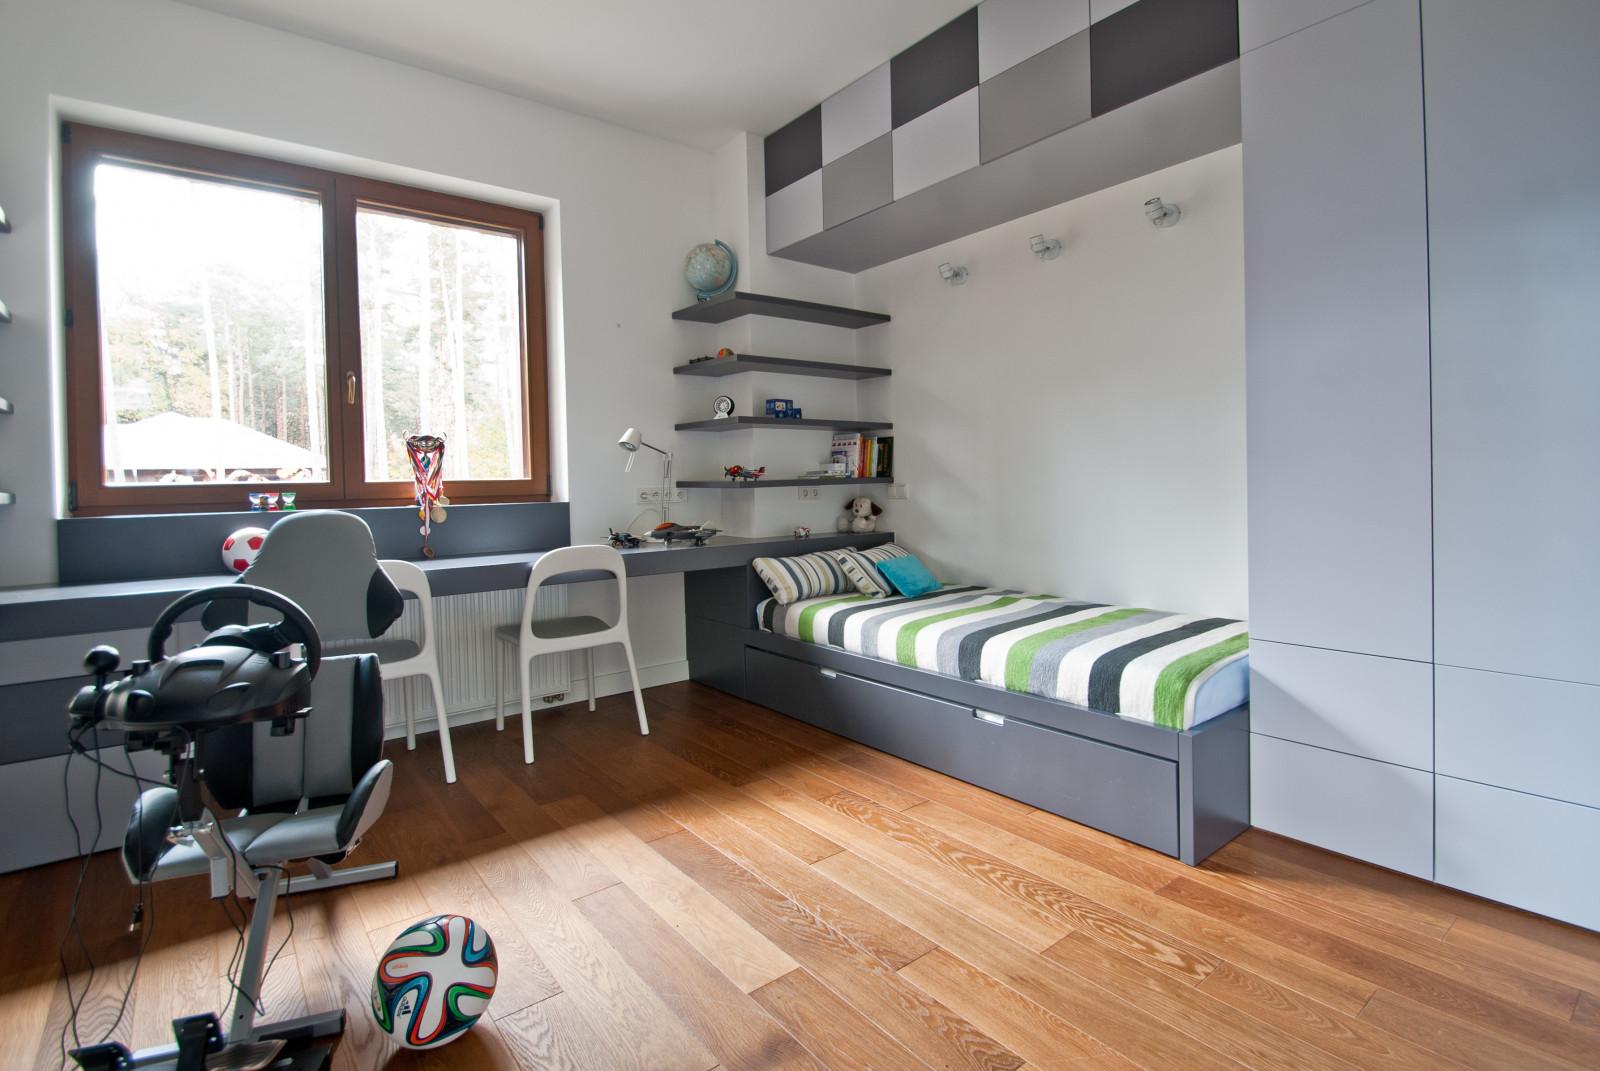 dom_industrialny53